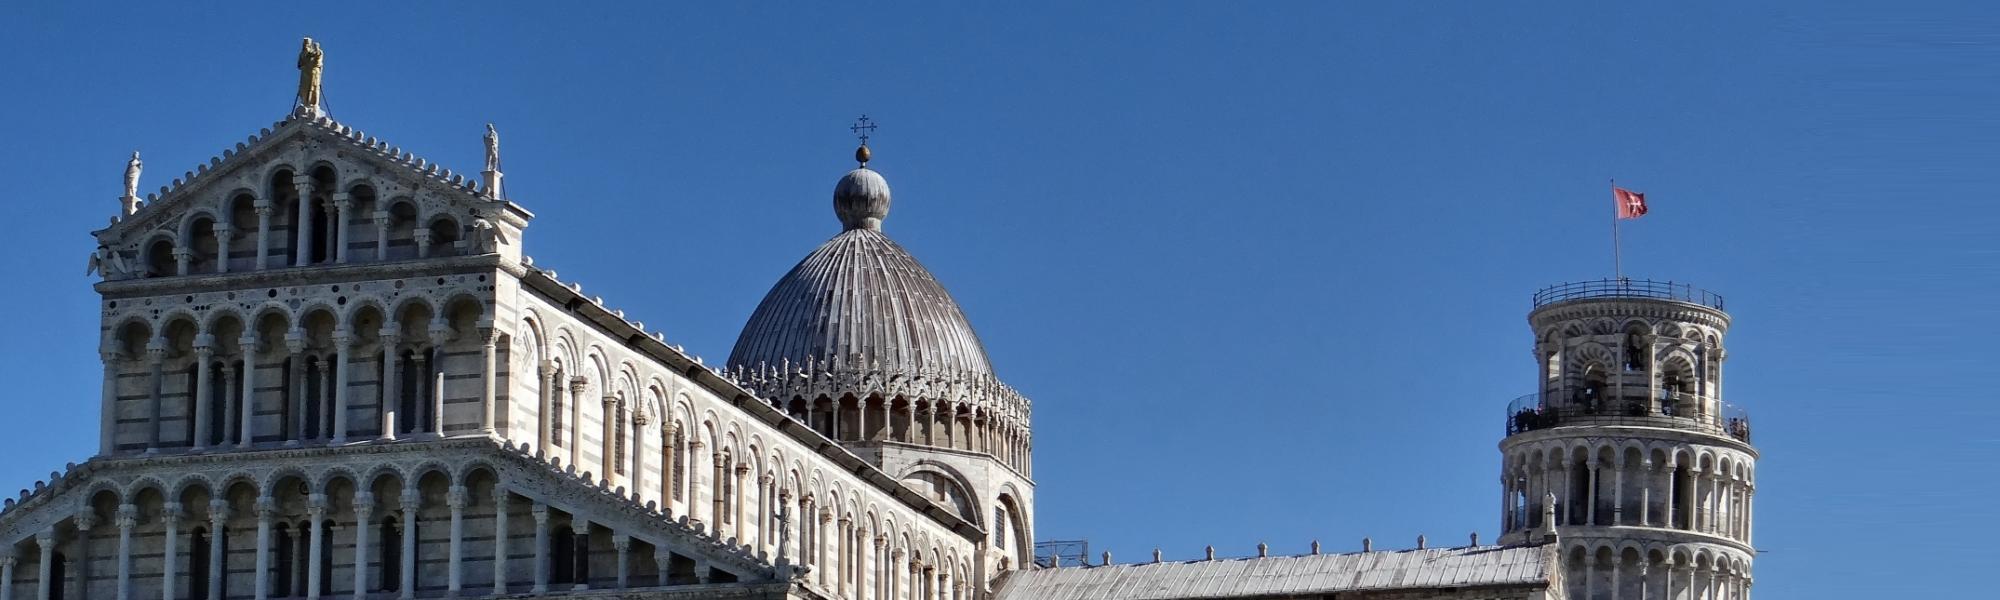 Piazza del Duomo skyline monumenti